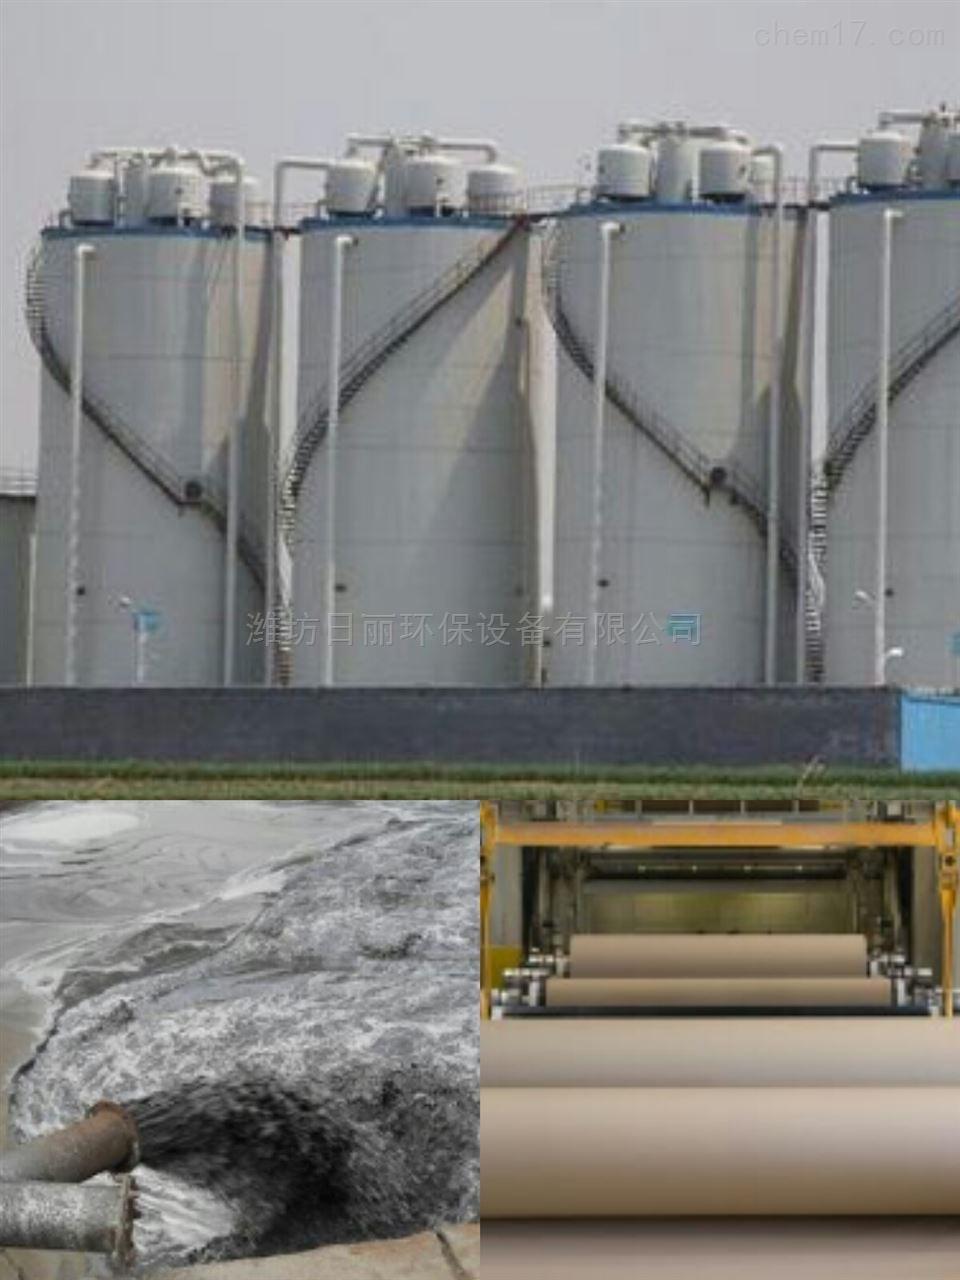 长春市造纸污水RL-IC反应器处理设备供应